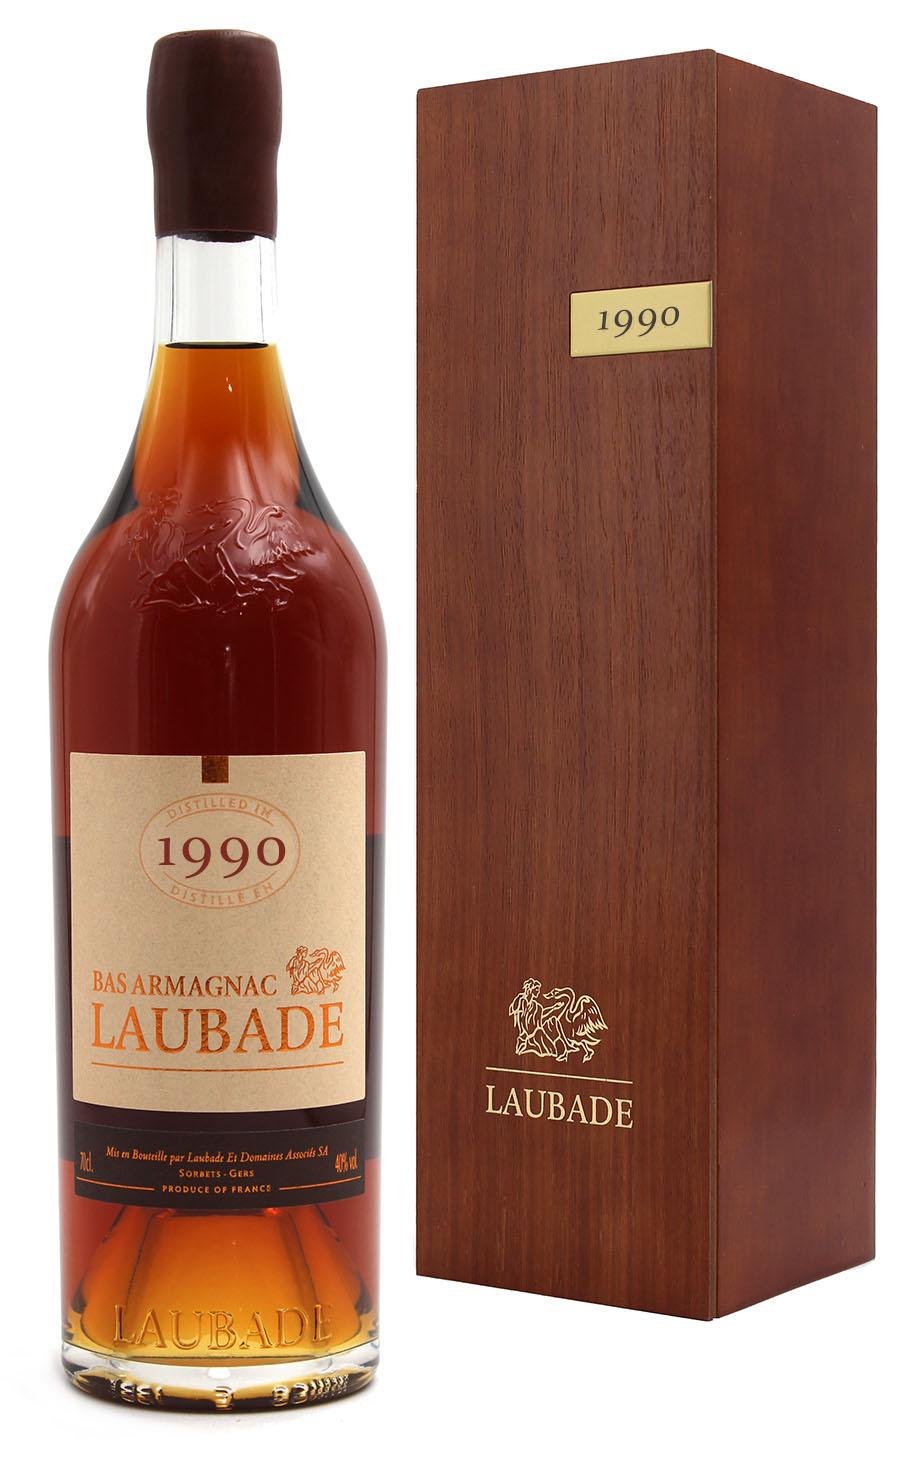 Bas Armagnac  Laubade 1990 - 70cl